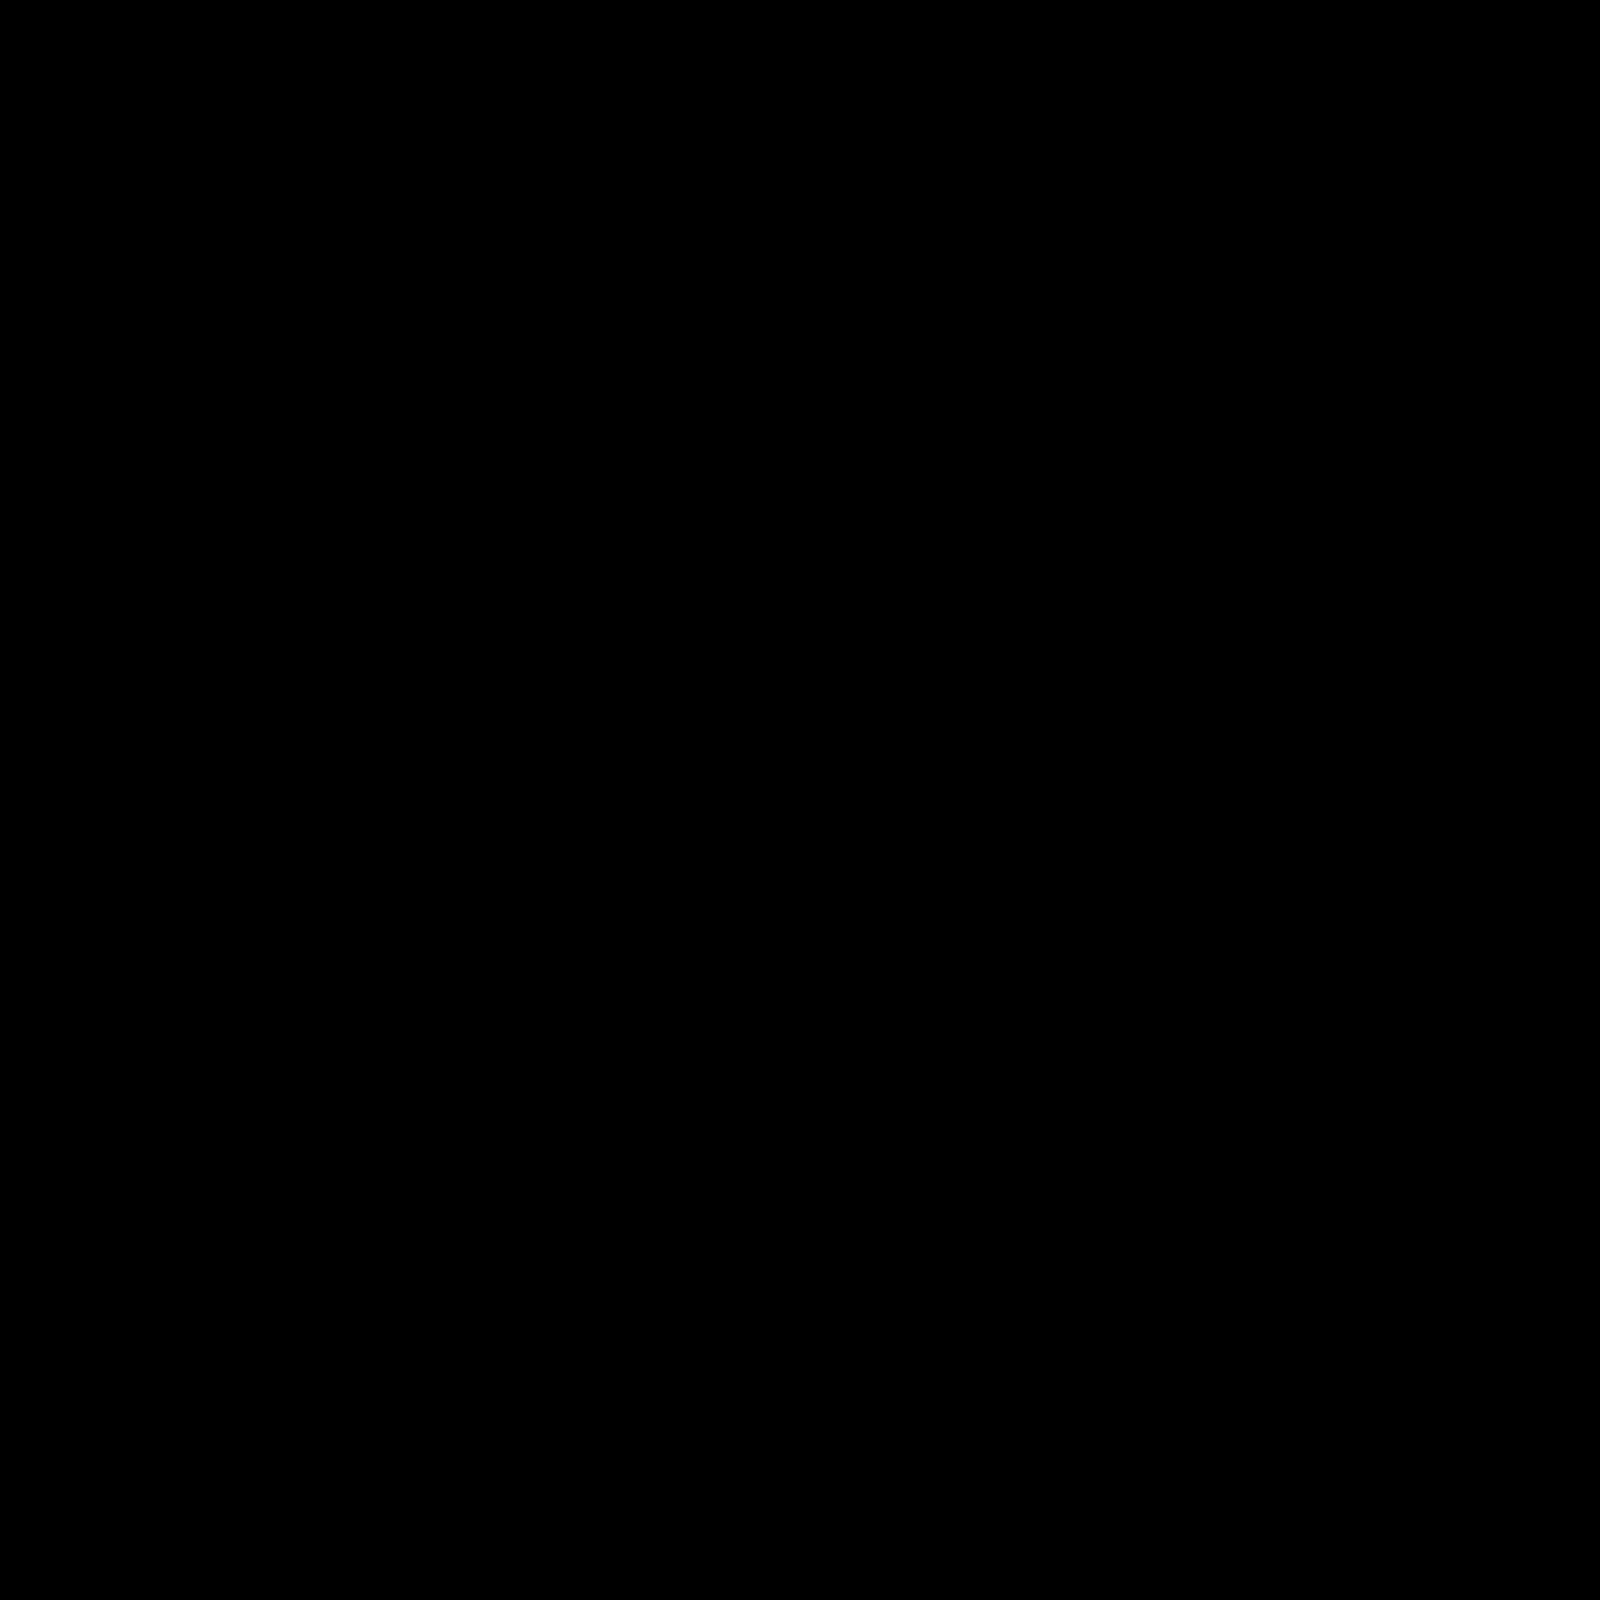 Resultado de imagen de icon reloj